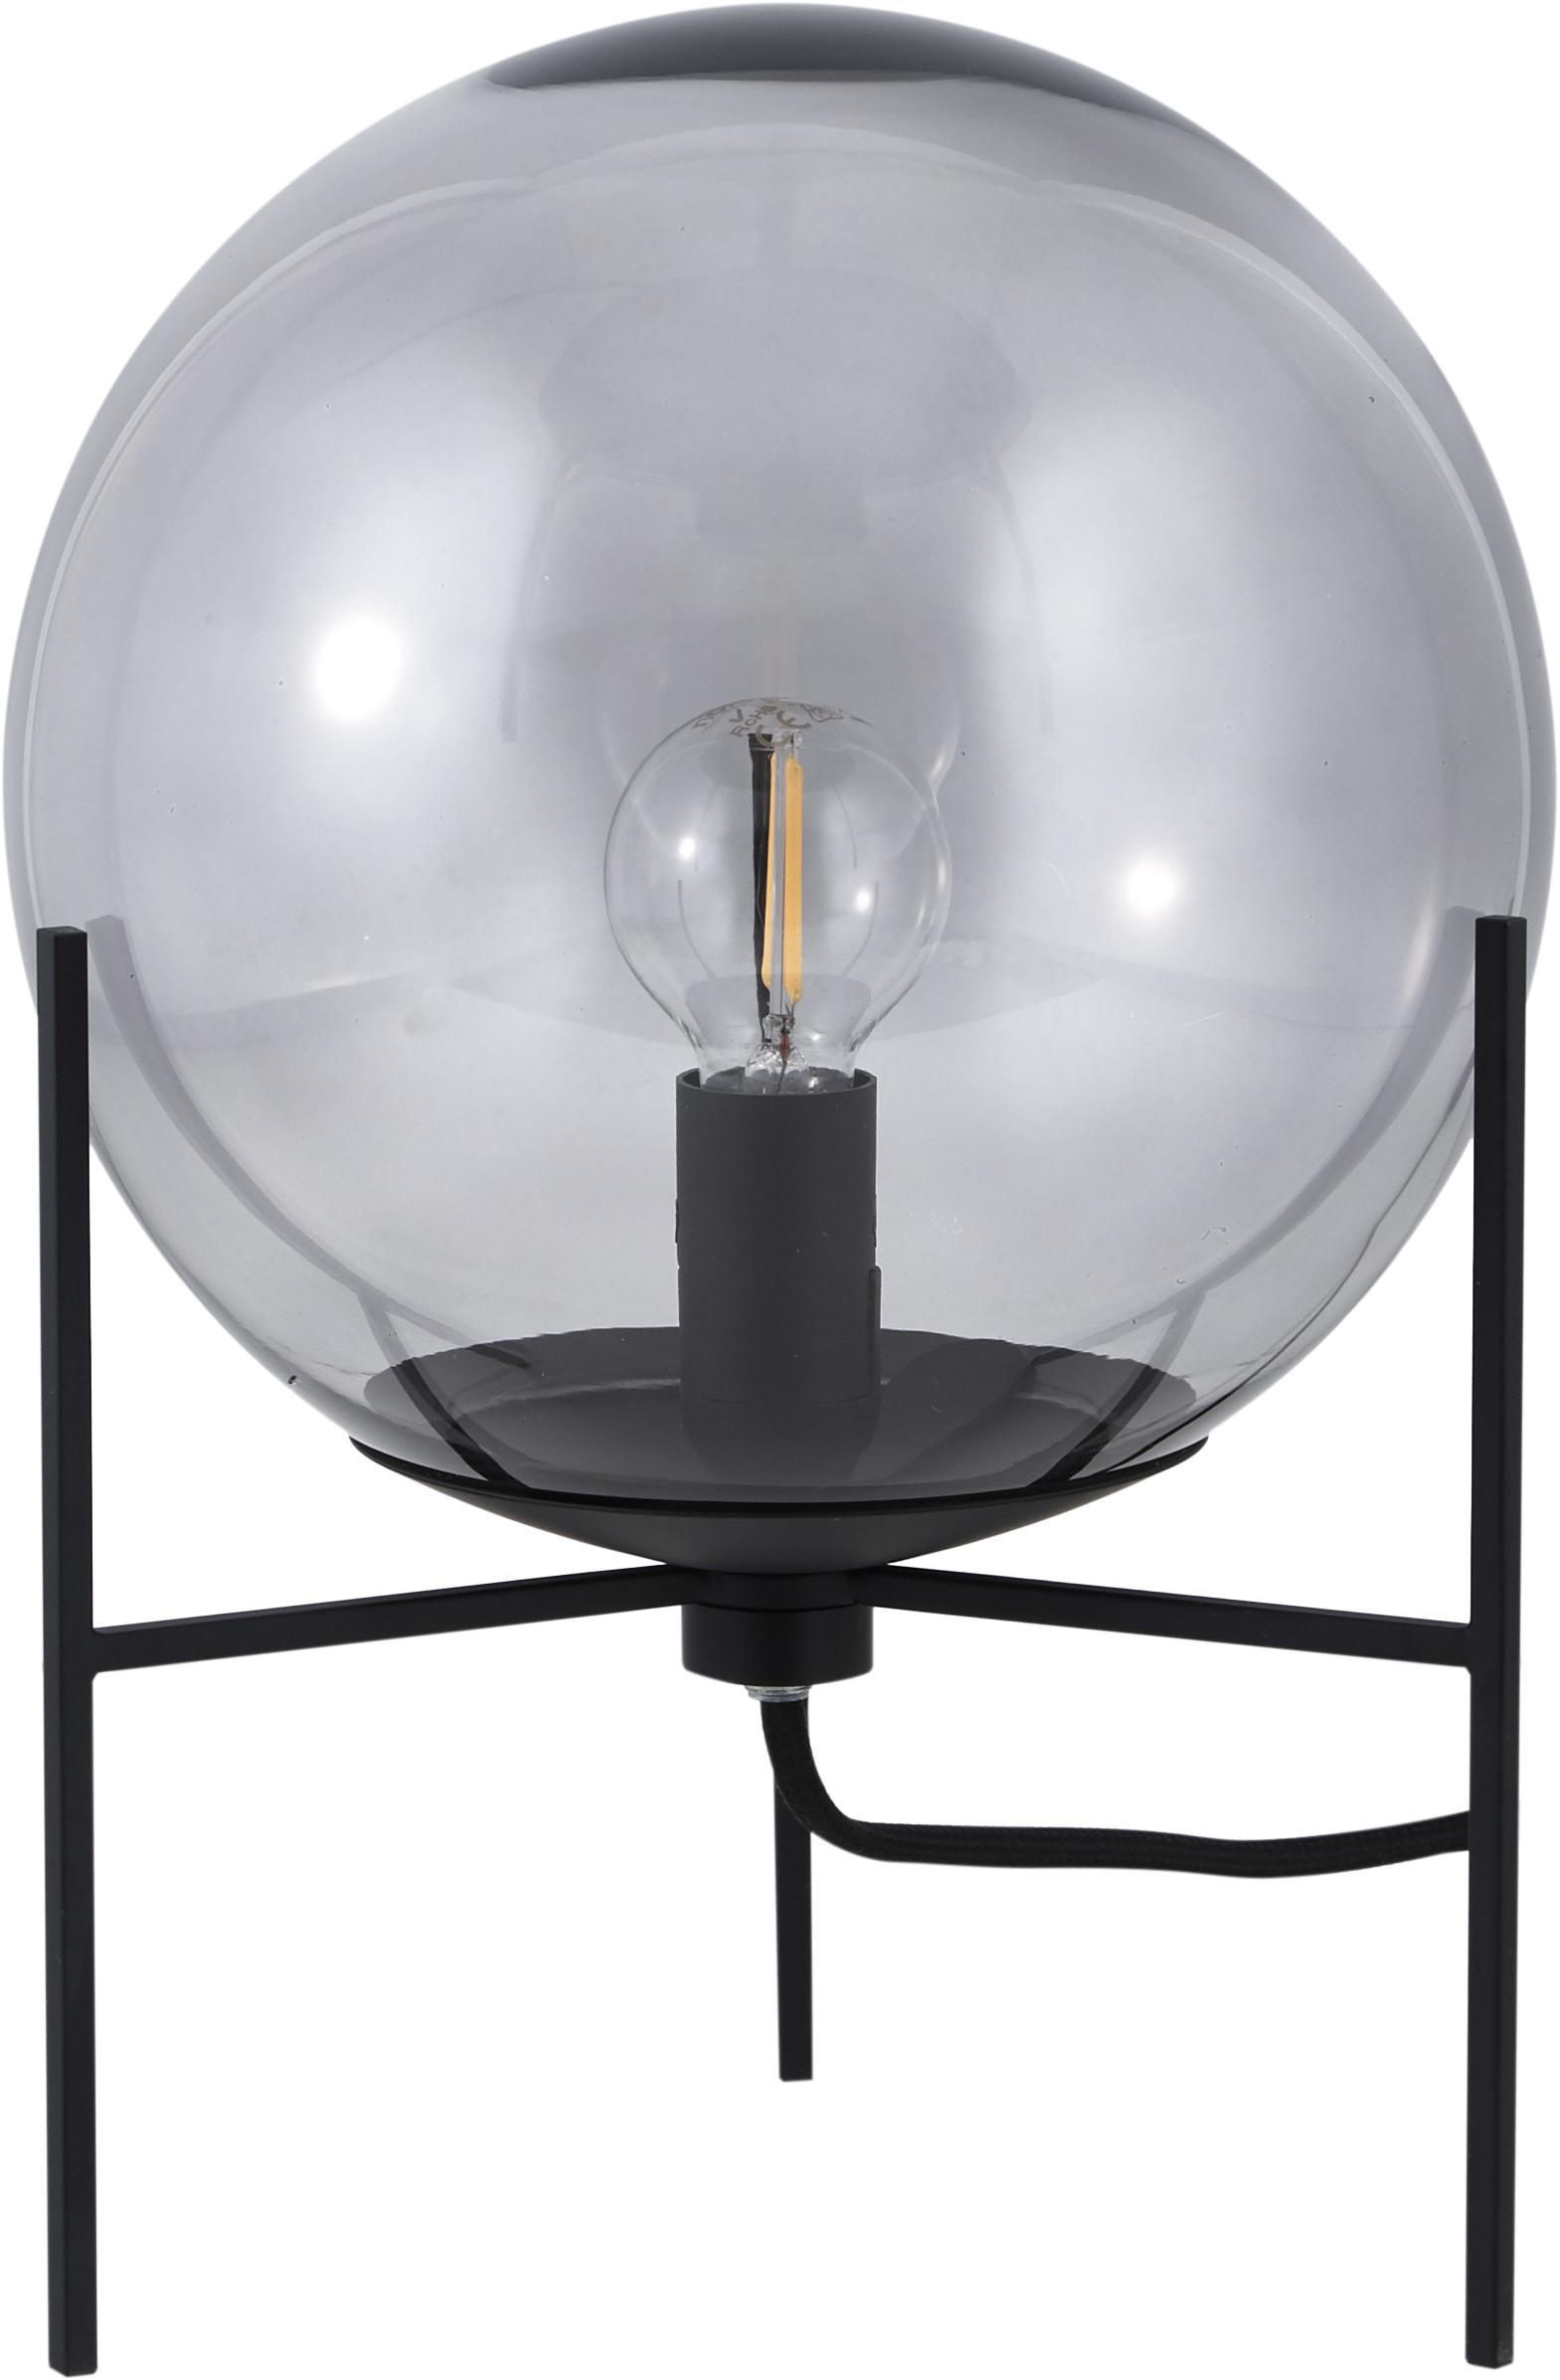 Industrial-Tischlampe Alton aus Glas, Lampenschirm: Glas, Schwarz, Grau, transparent, Ø 20 x H 29 cm